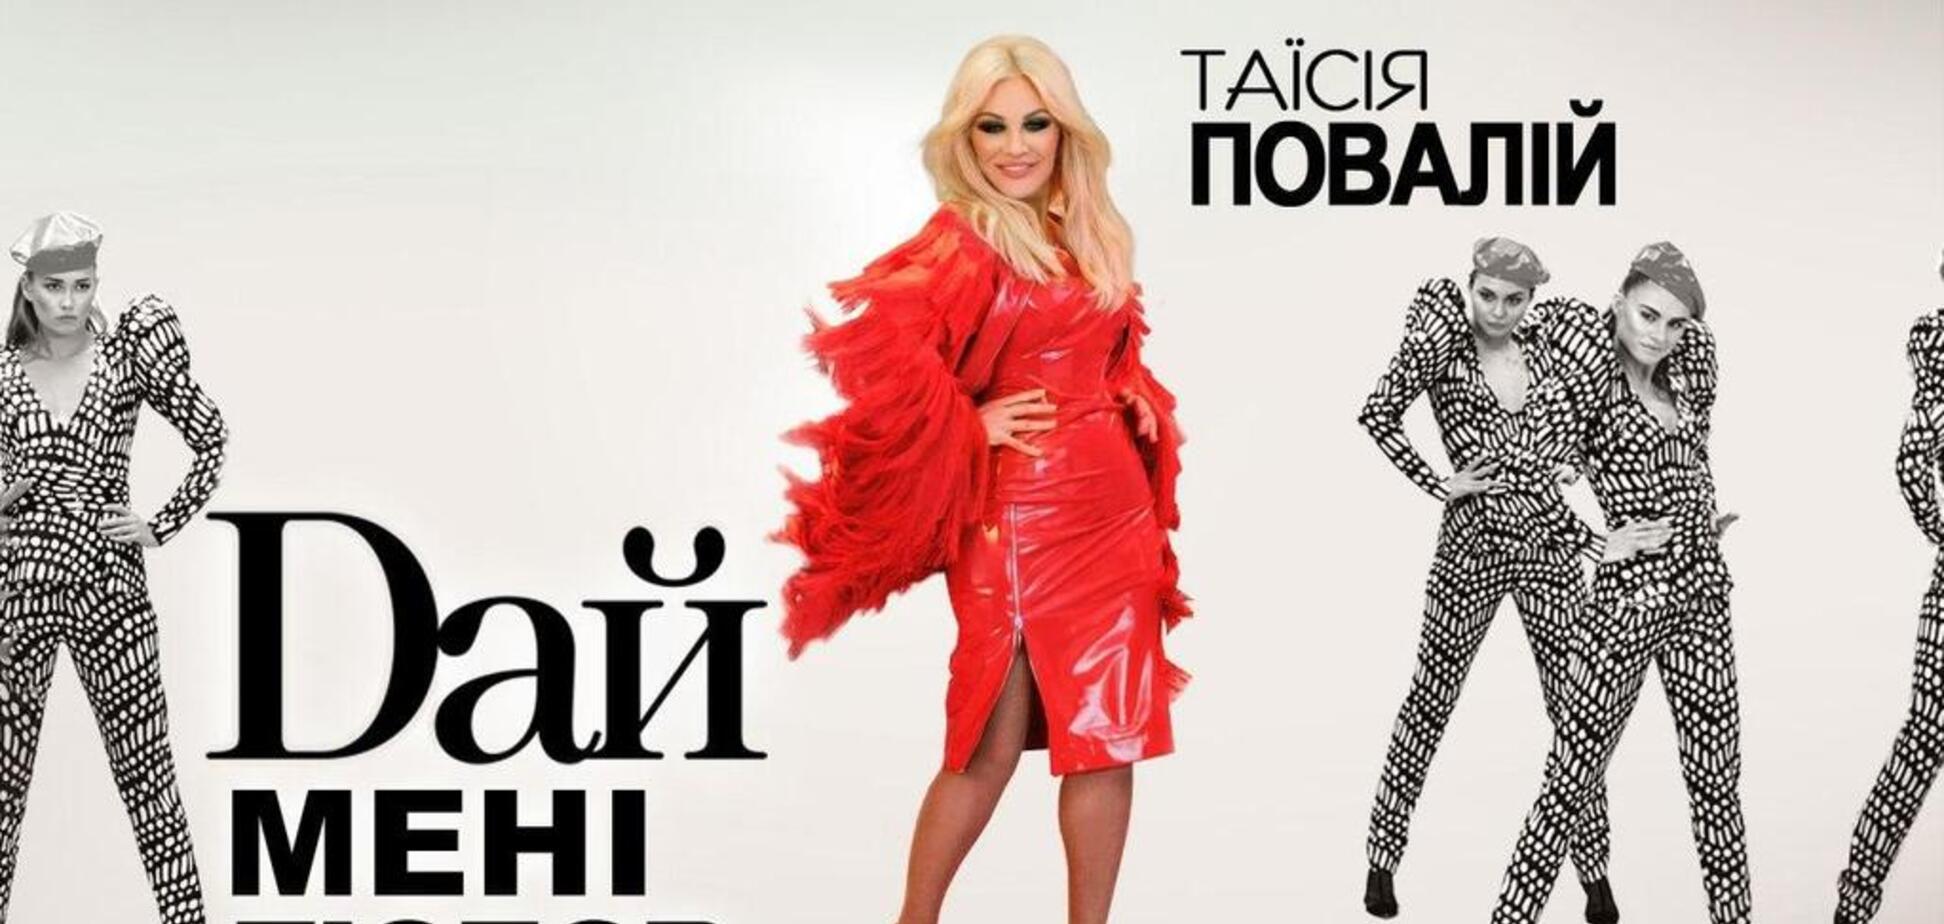 'Песня — вау!' Повалий восхитила сеть песней на украинском языке